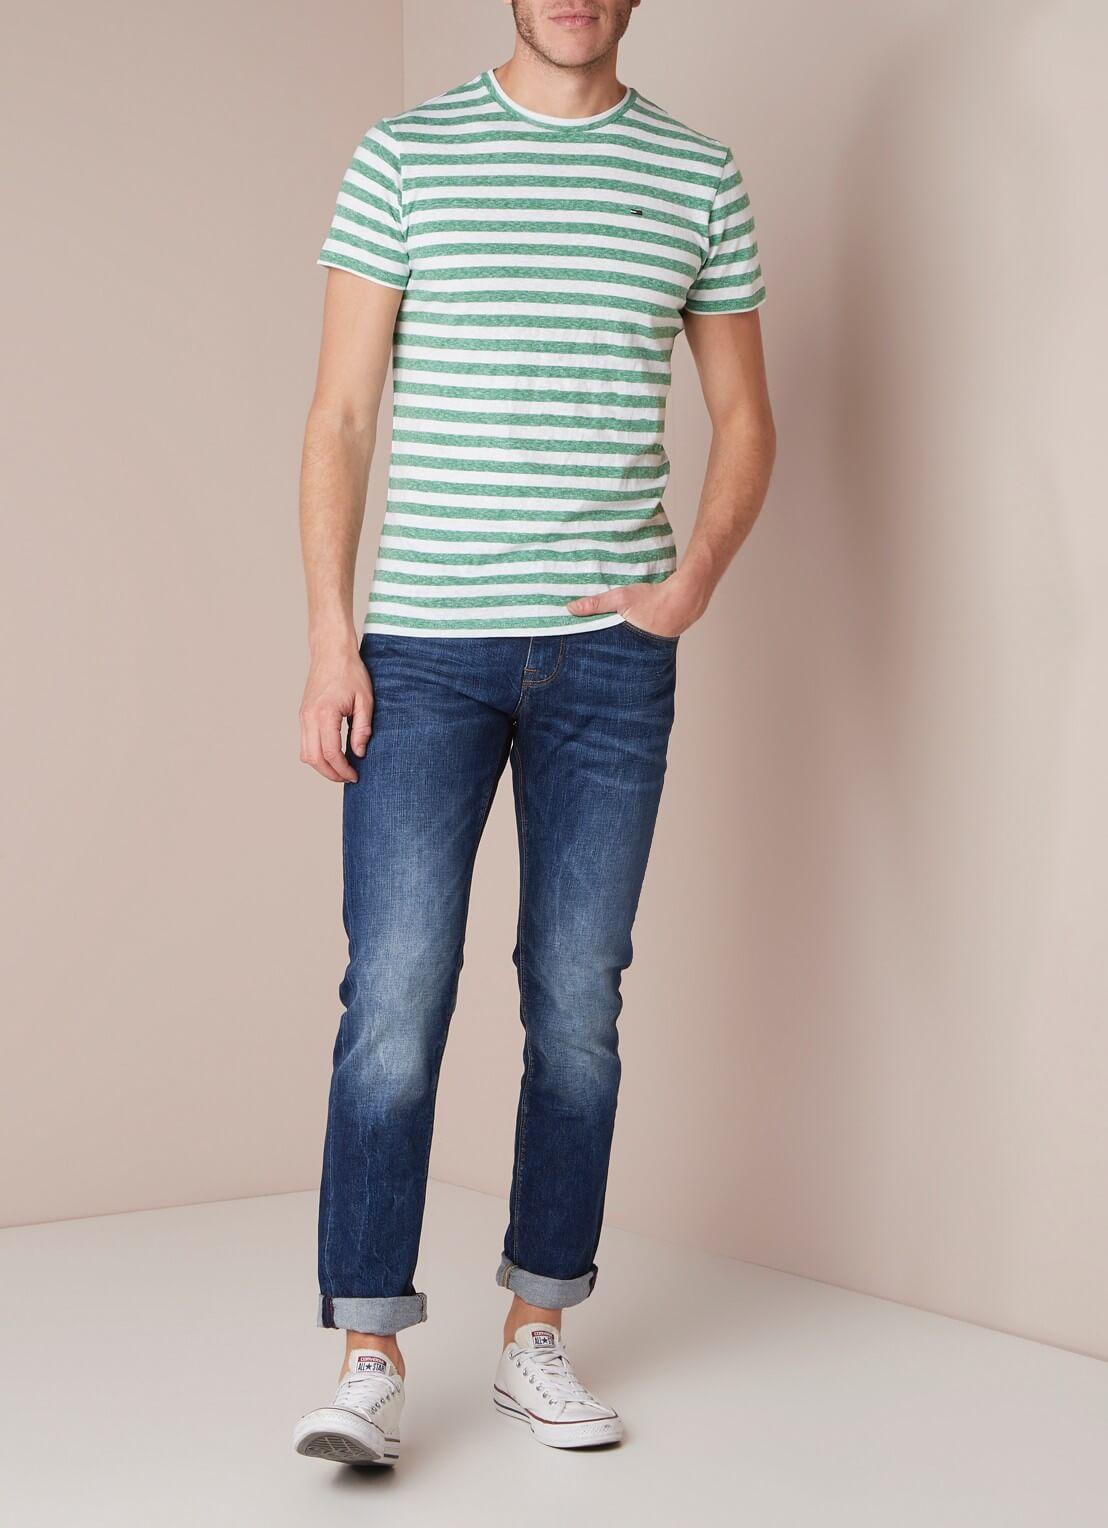 Weekend wear 5 - Mr.Draper